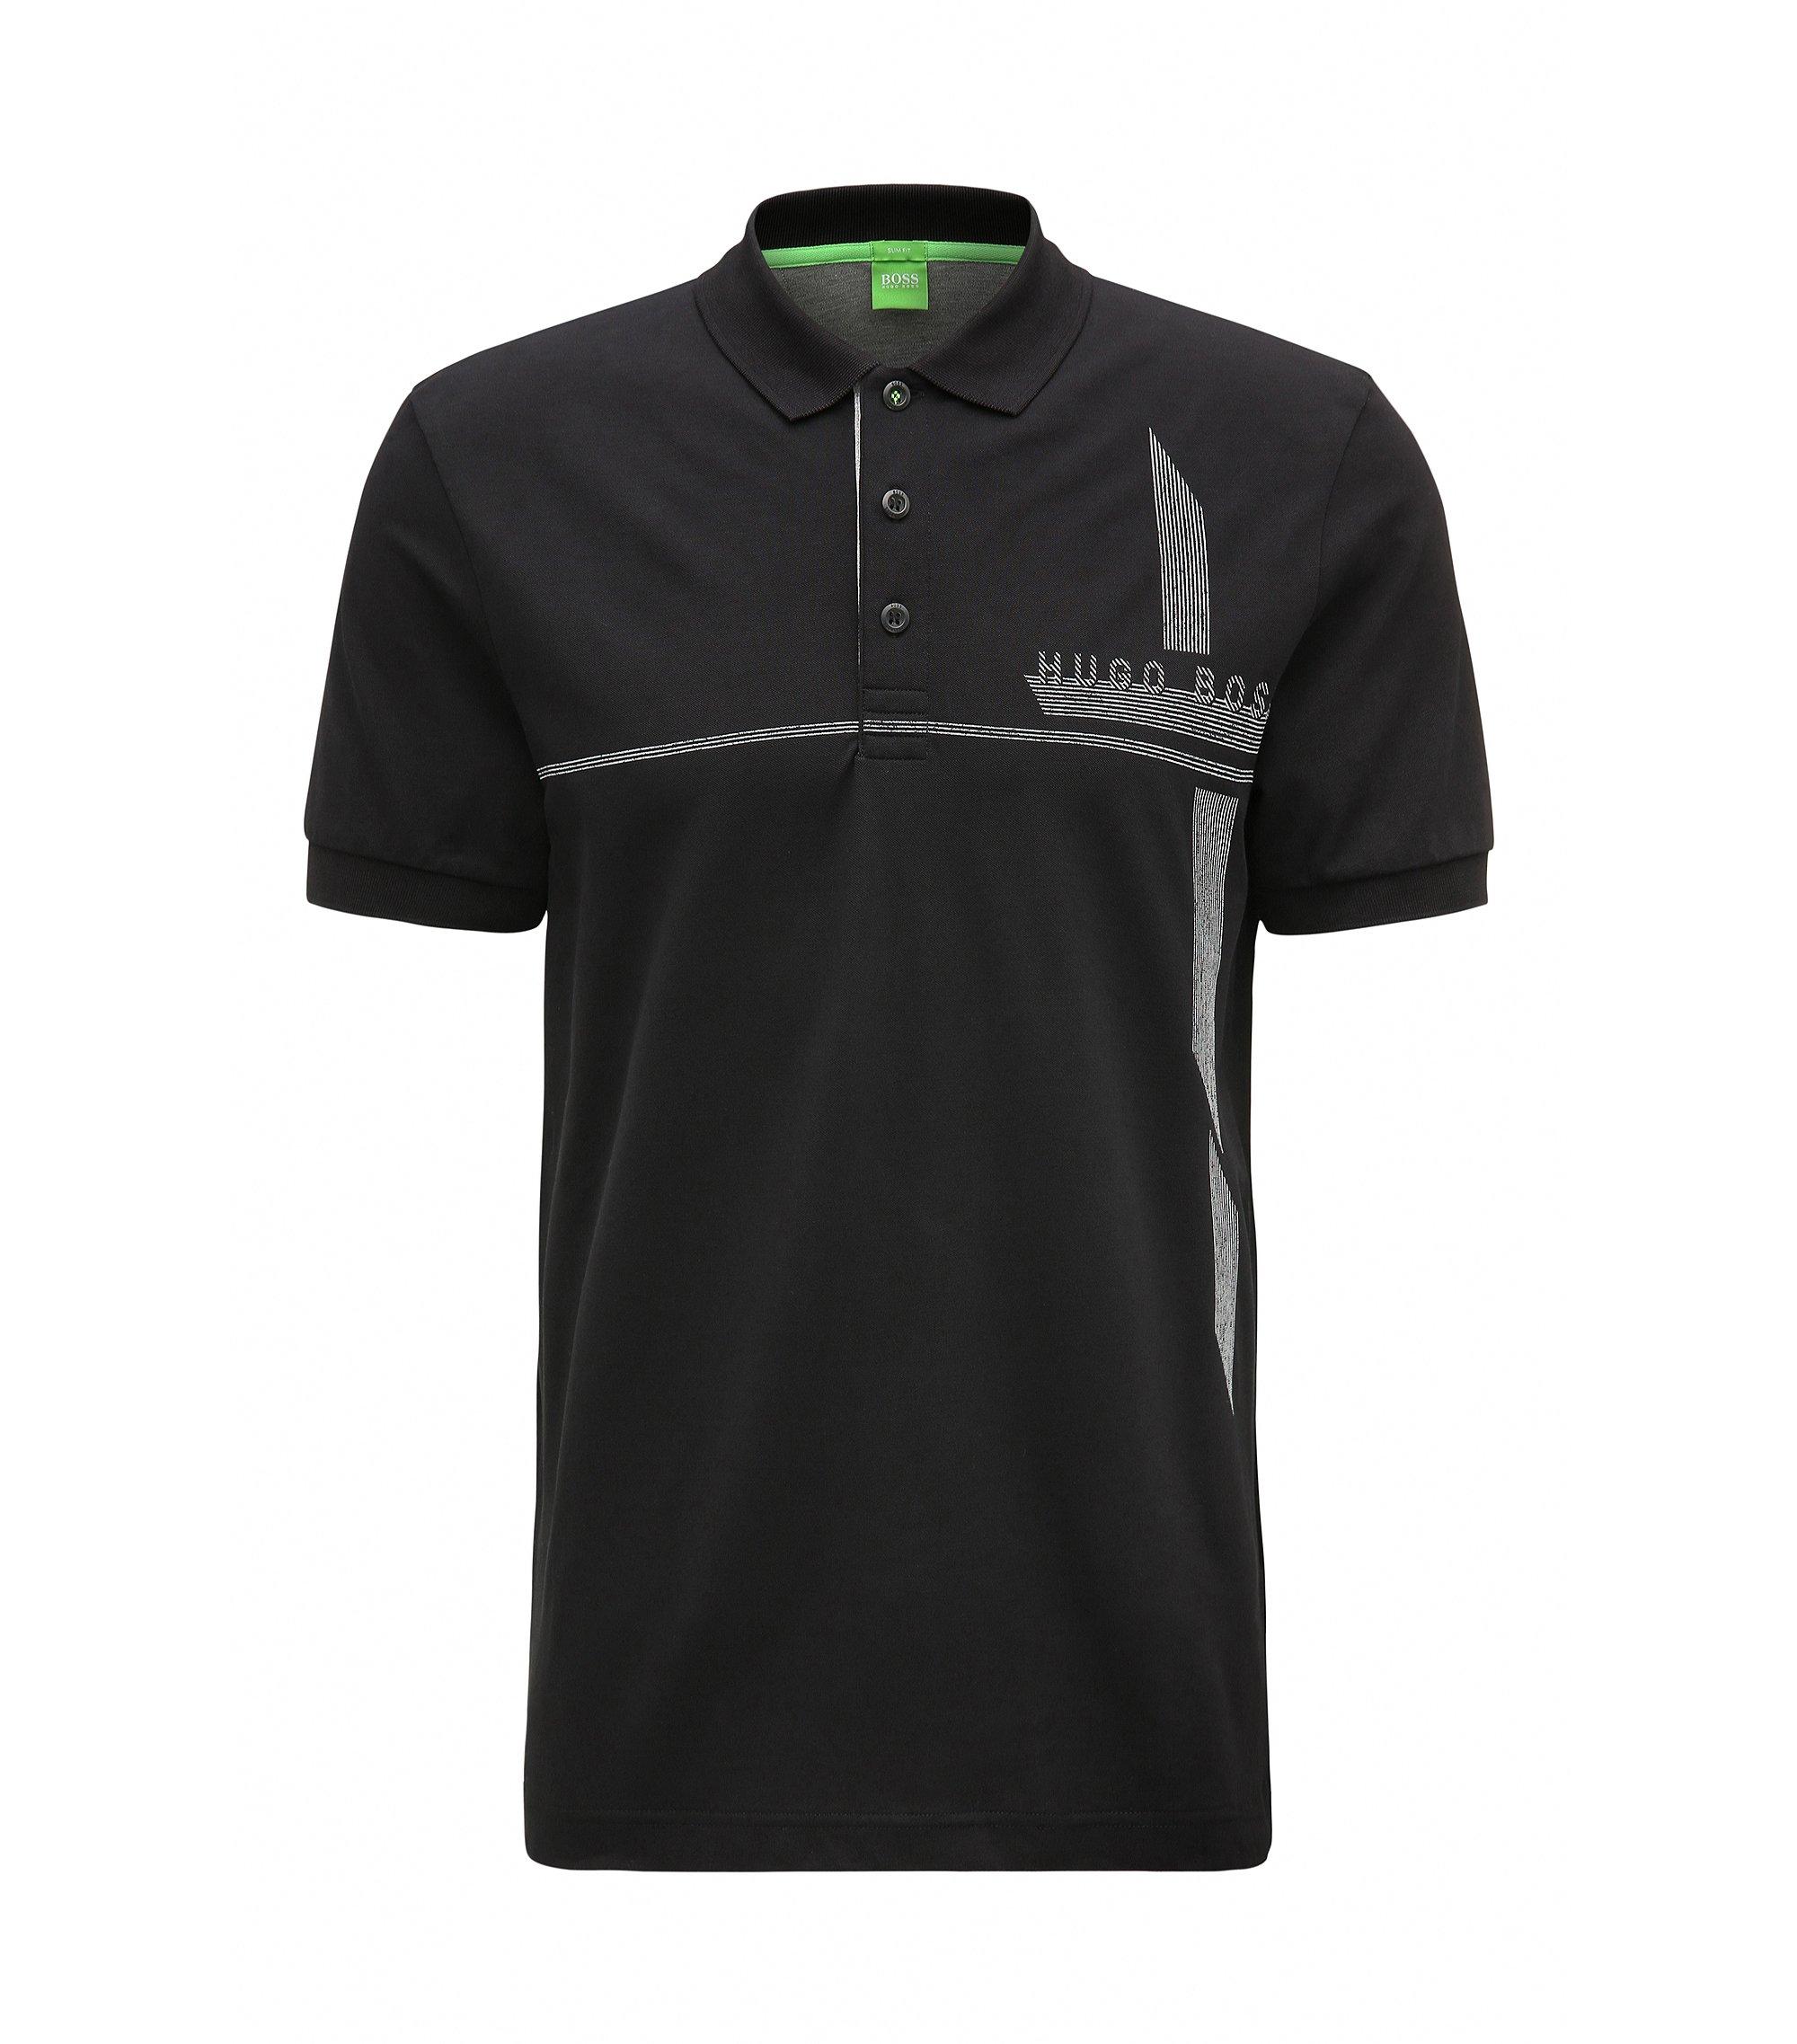 Piqué Stretch Cotton Polo Shirt, Slim Fit   M-Paule, Black